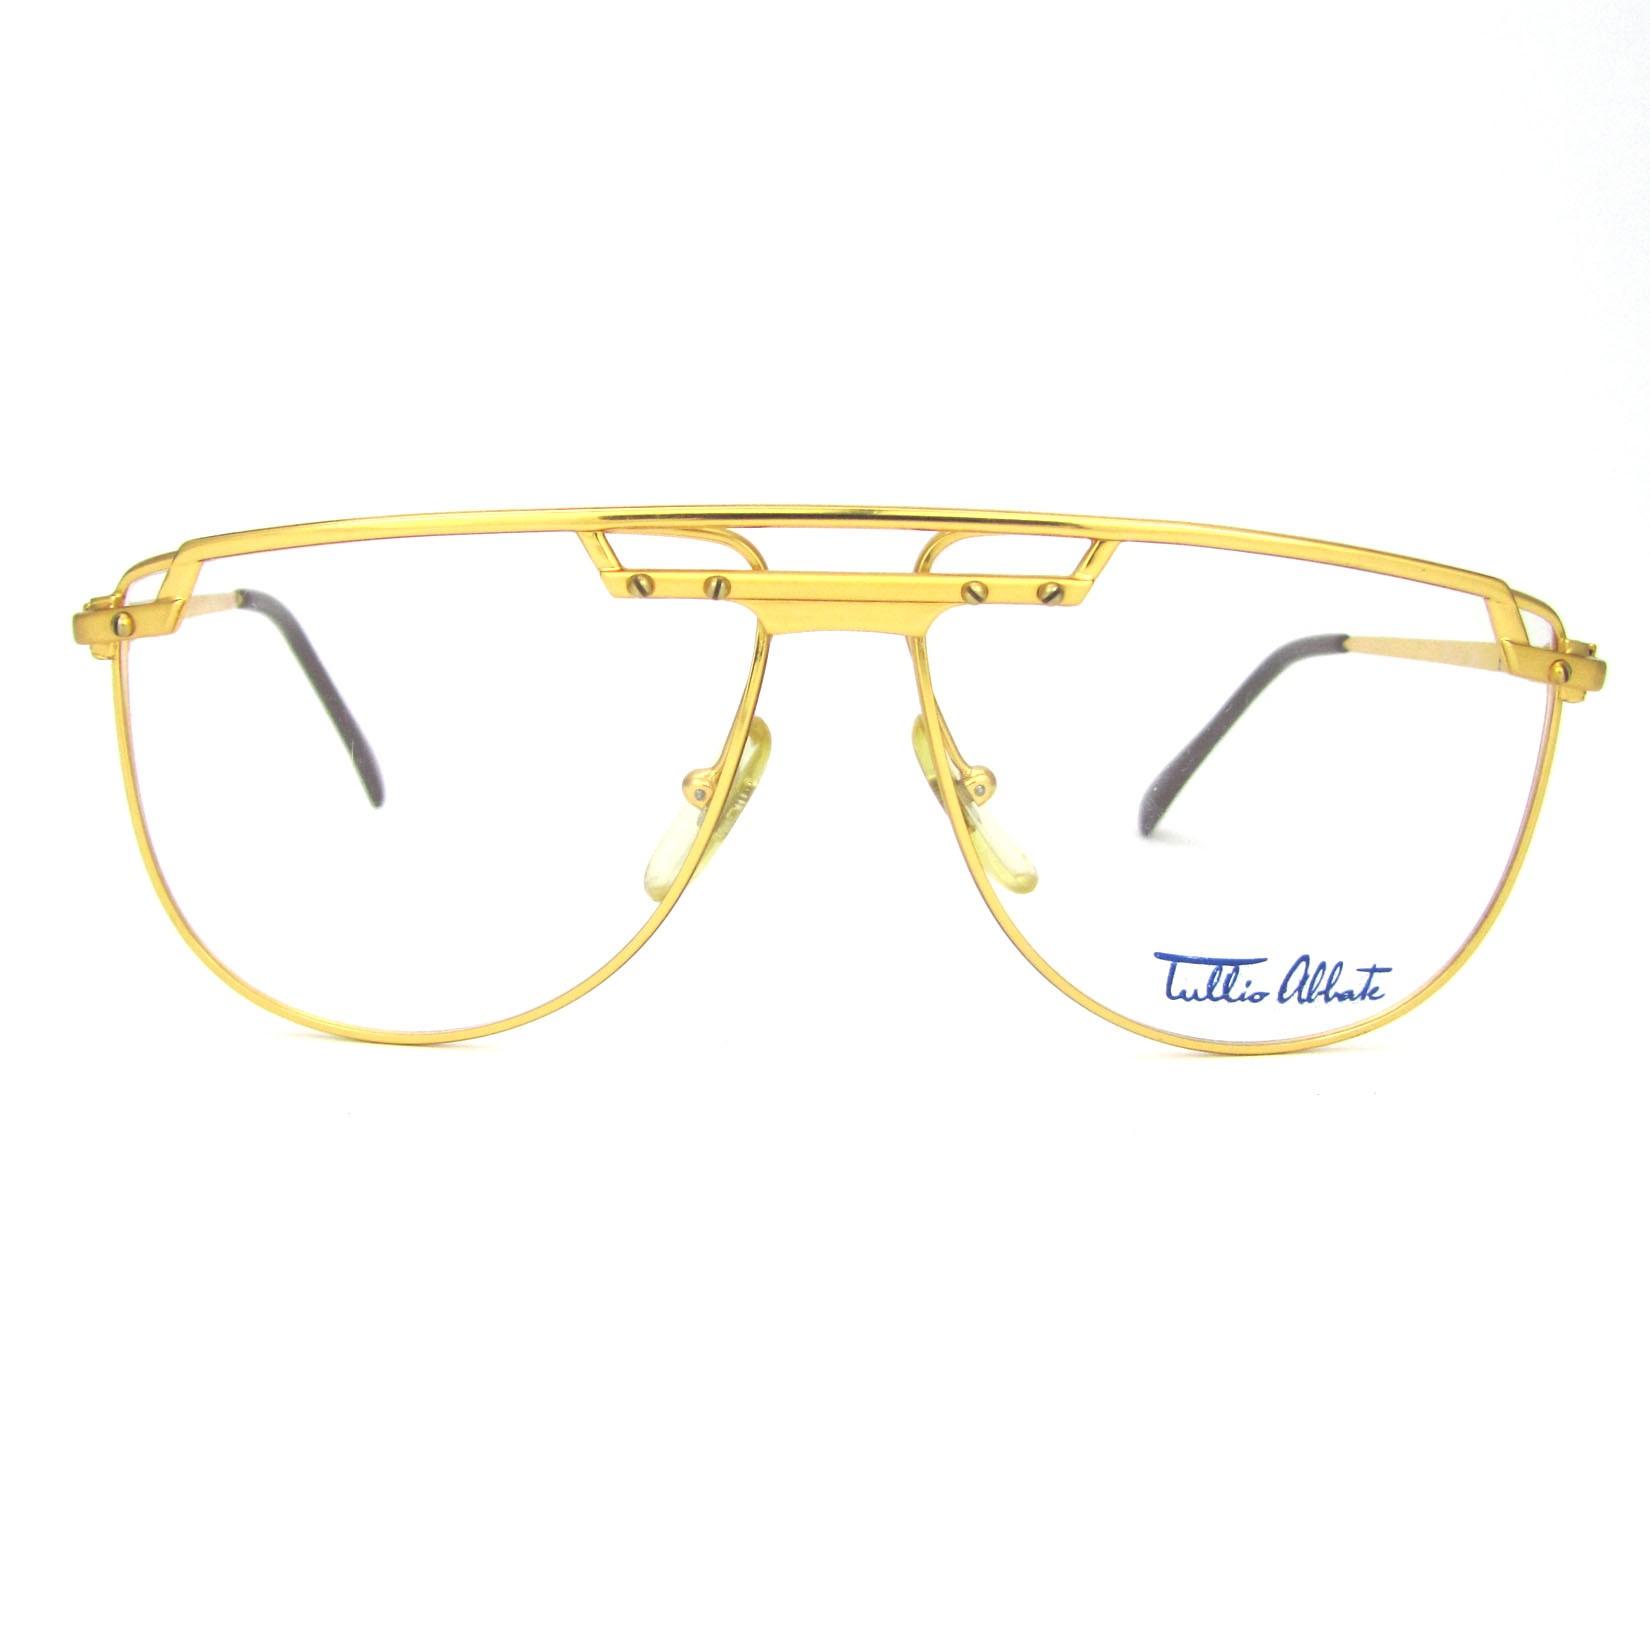 4d3b269df439 Buy Online Prescription Eyeglasses | Custom Glasses Frames and Lenses